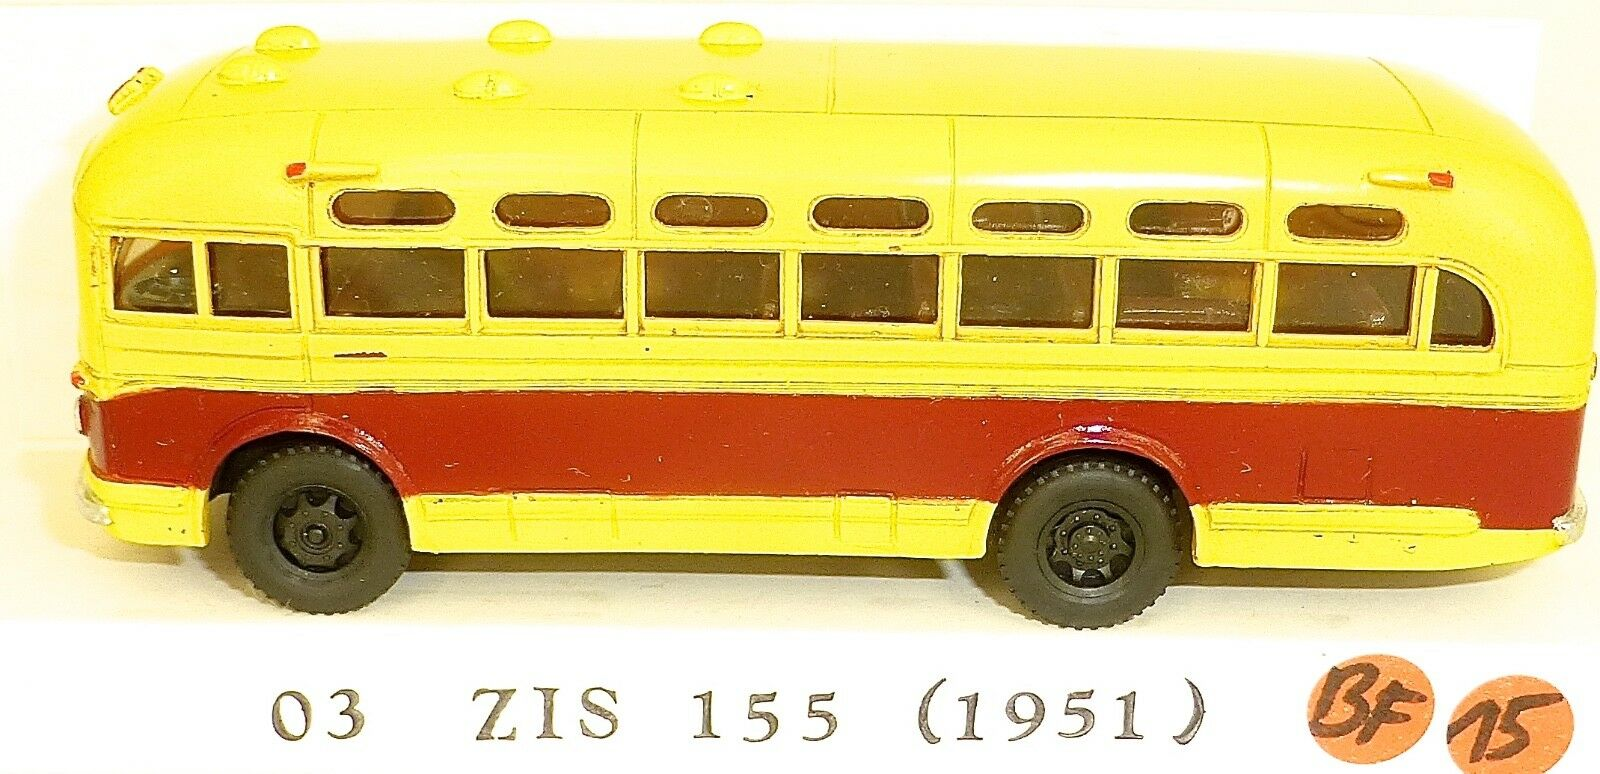 03 das 155 harz bus verrotten creme v & v  87 h0 bf15 å